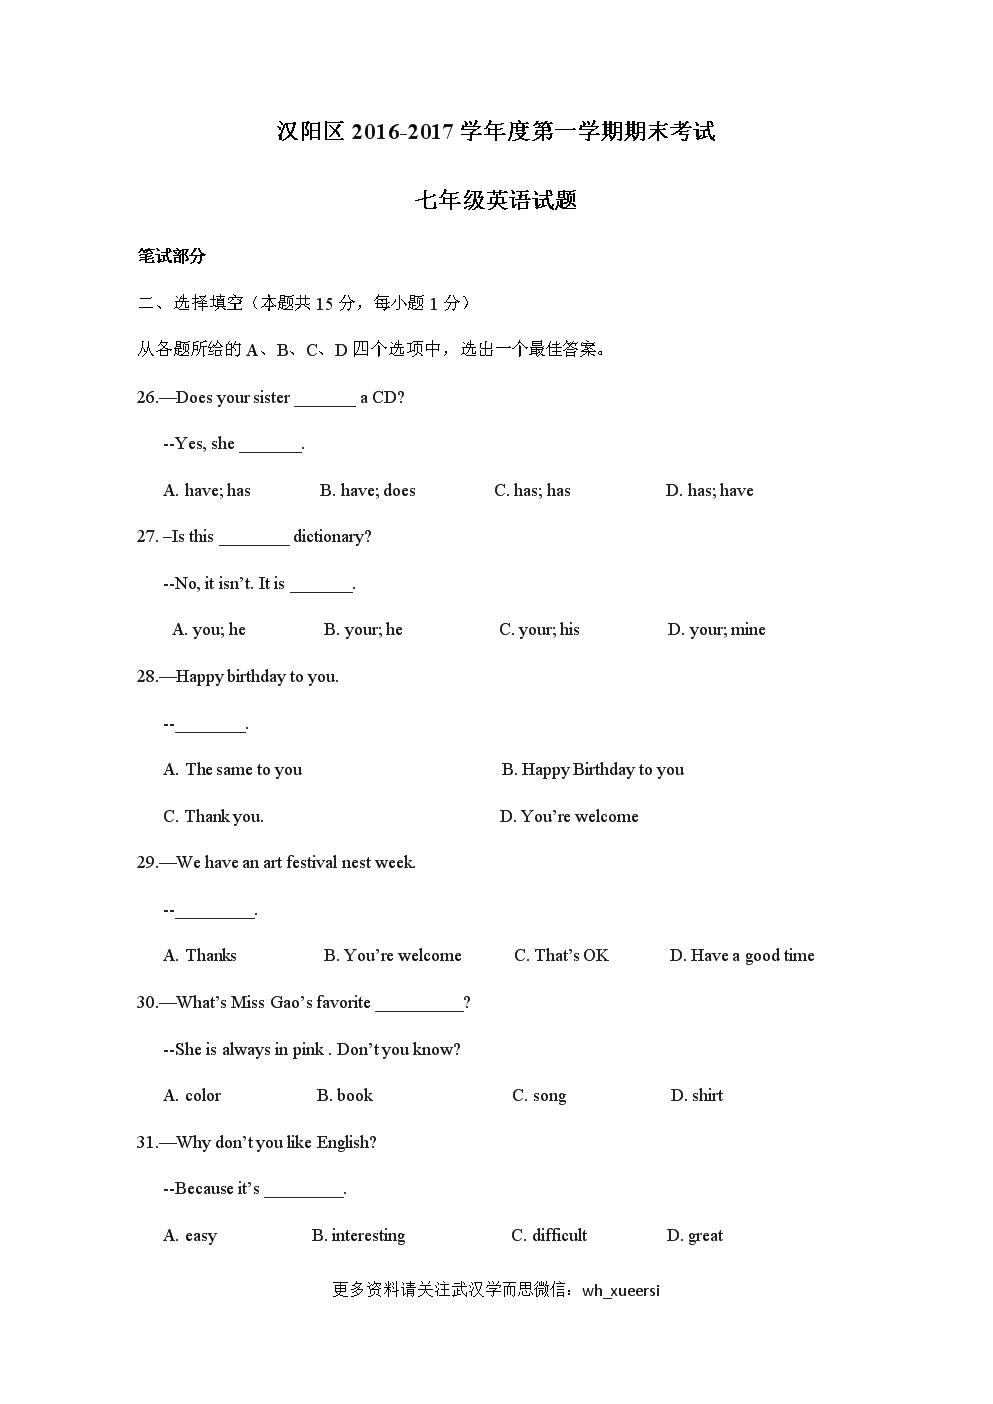 汉阳区2016-2017学年的度第一学期期末测试七年级的英语测试题(word版有答案解析).docx